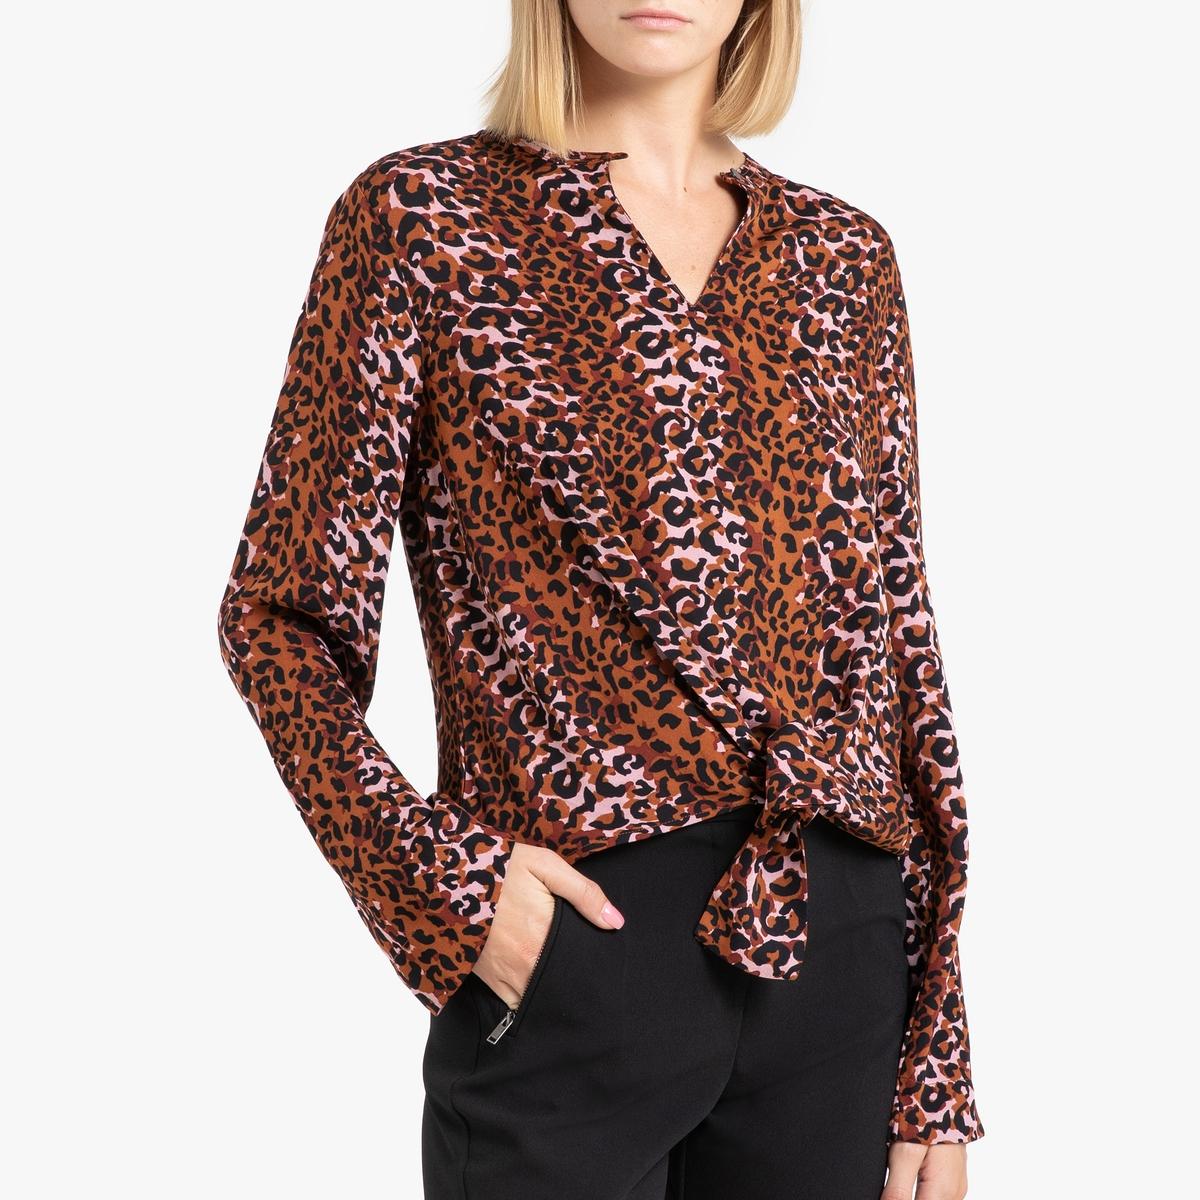 Блузка La Redoute С рисунком V-образным вырезом и длинными рукавами XS каштановый блузка с круглым вырезом графическим рисунком и длинными рукавами